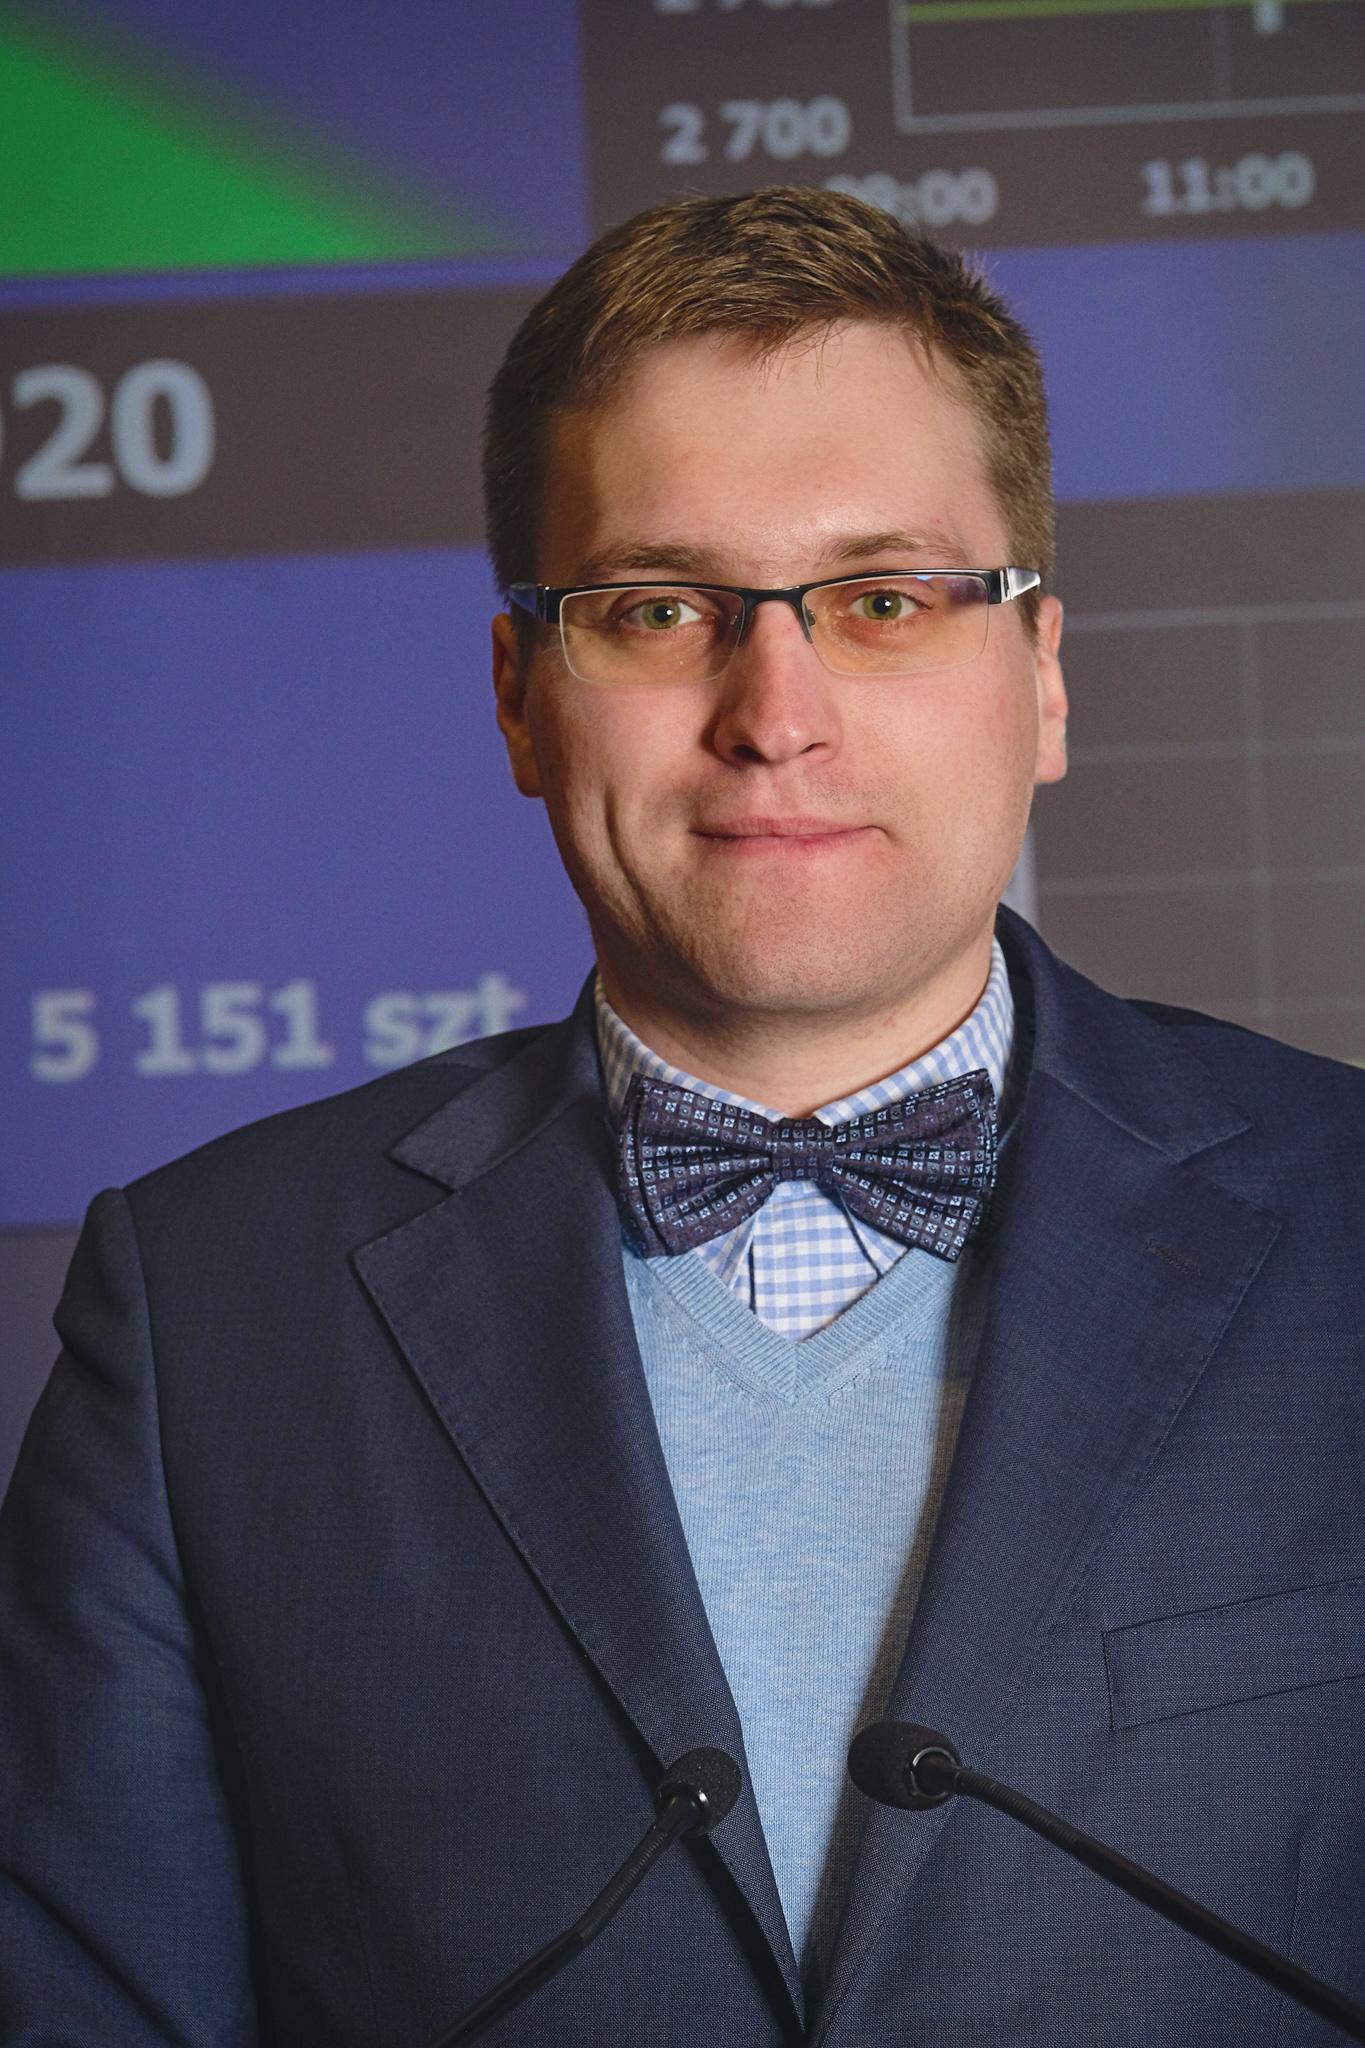 Mateusz Ciasnocha - photo 2